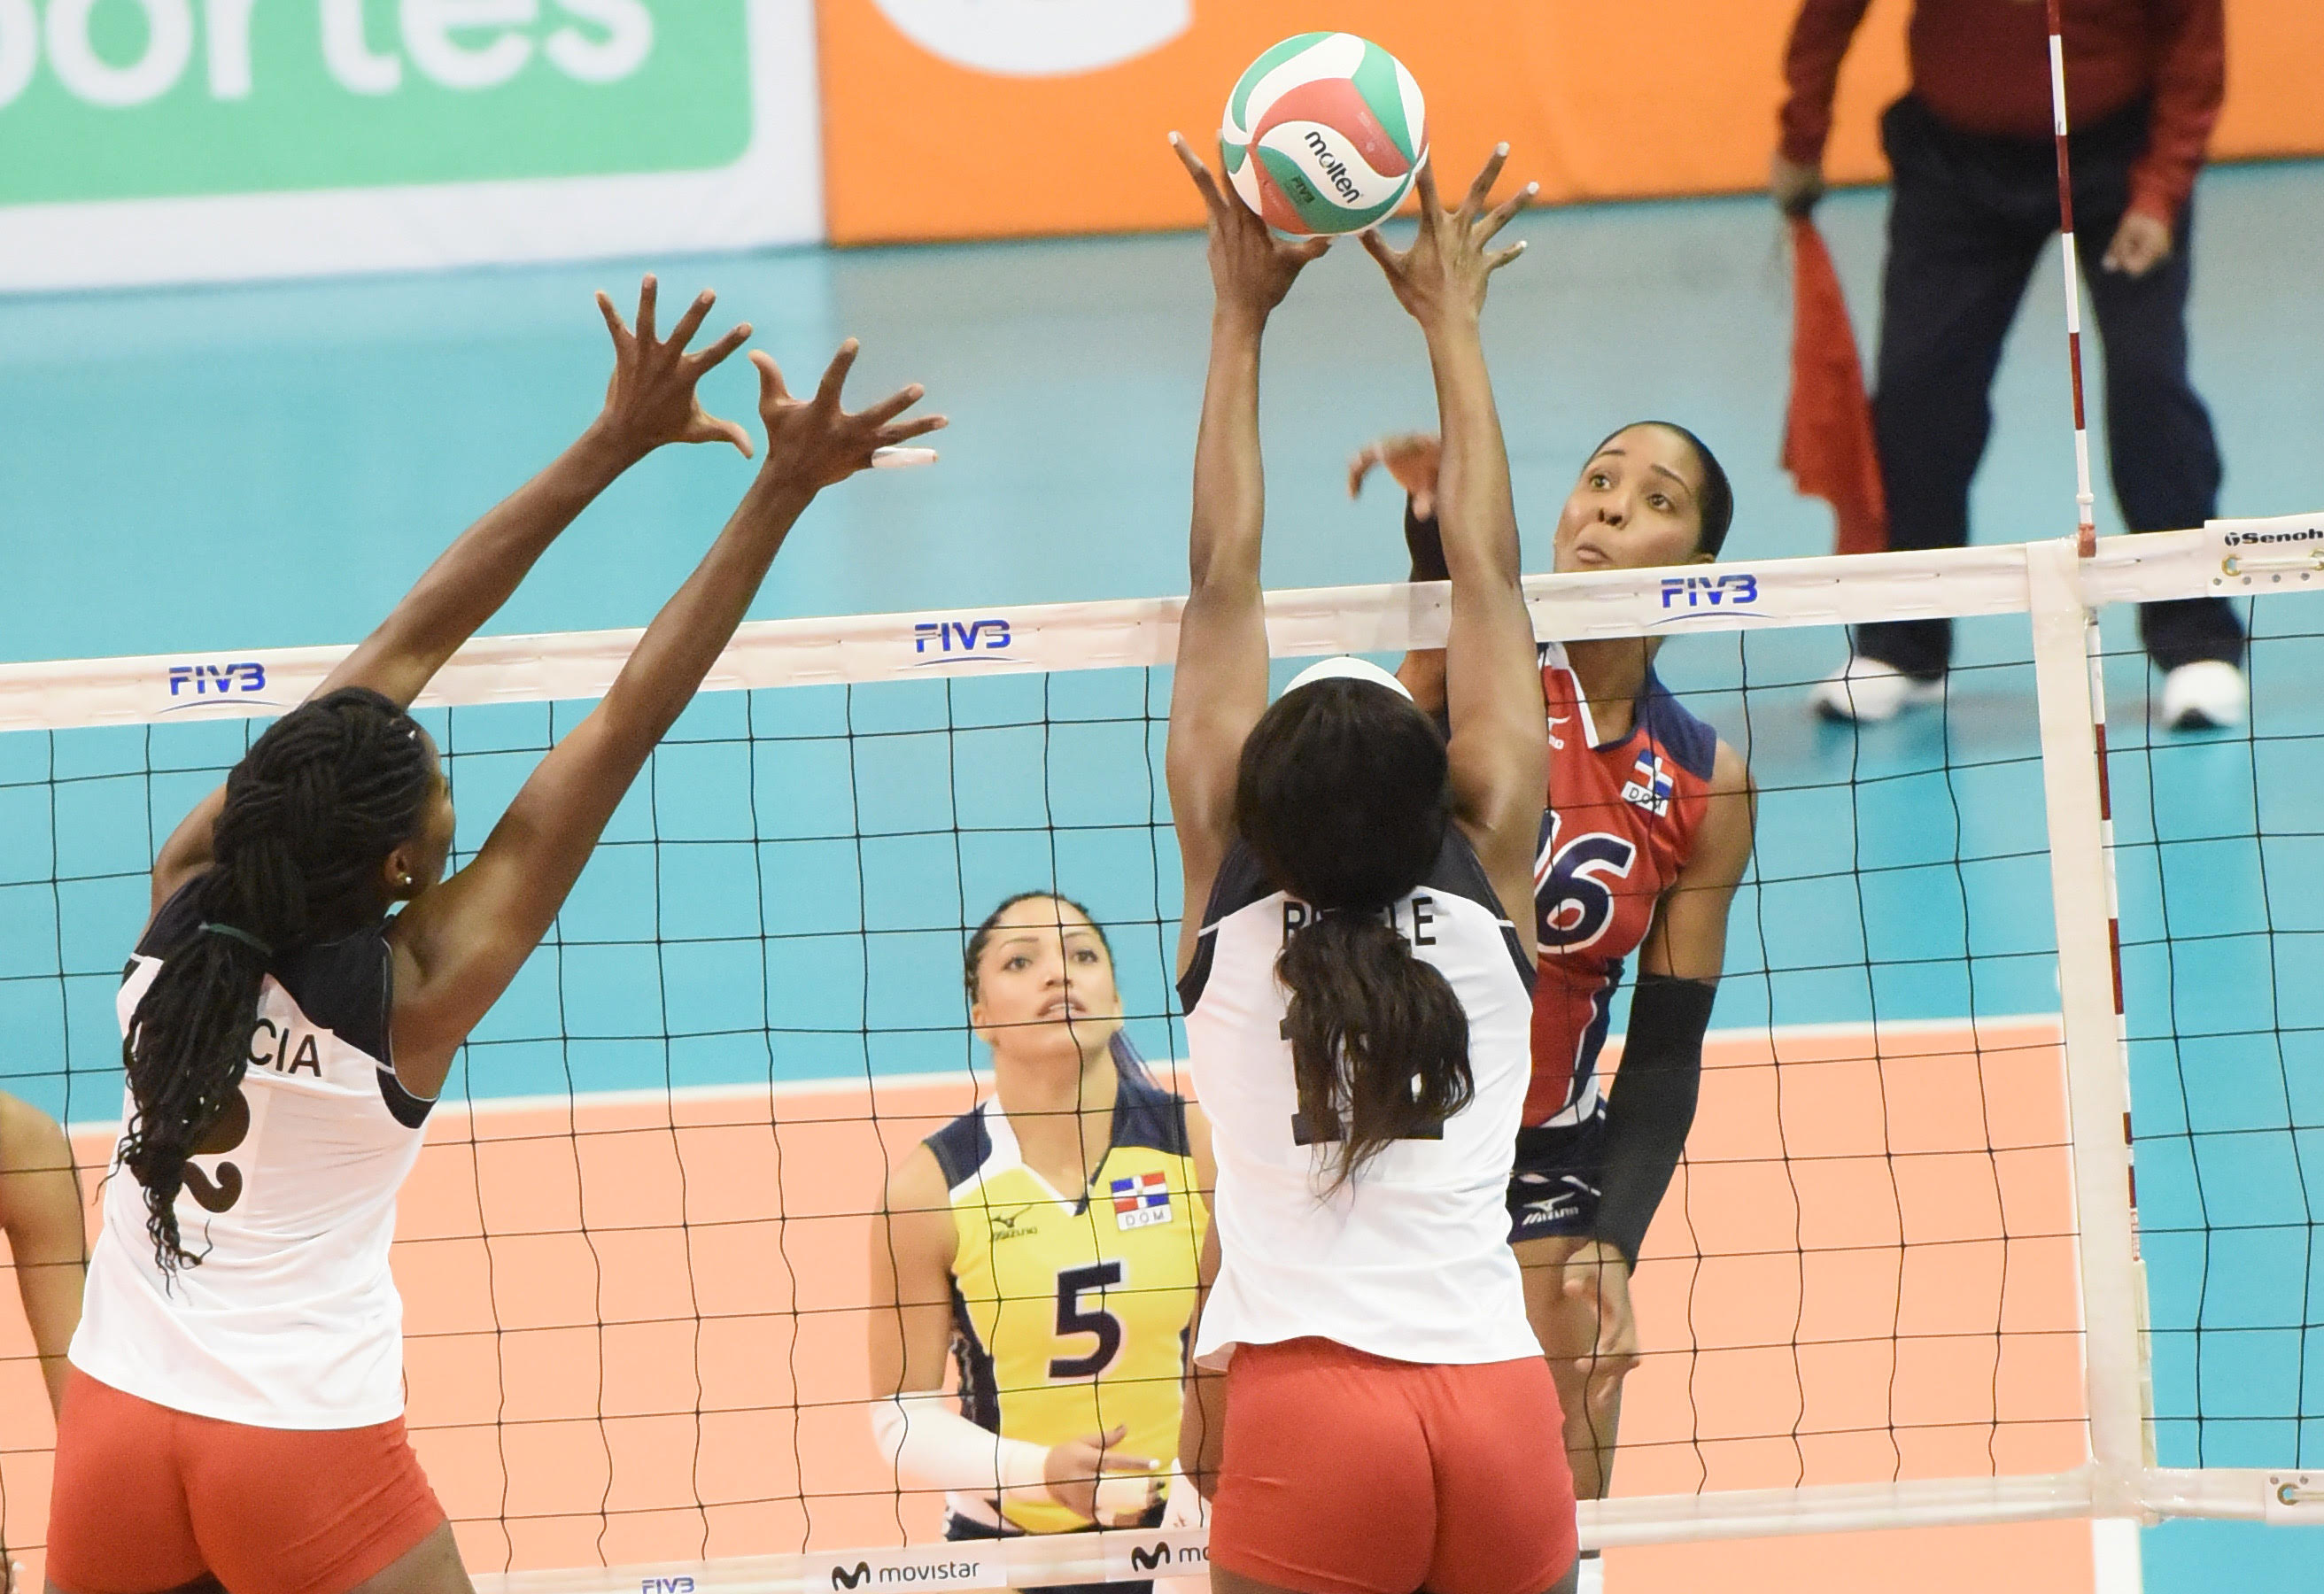 Dominicana derrota 3-0 a Trinidad en Panam de Voleibol